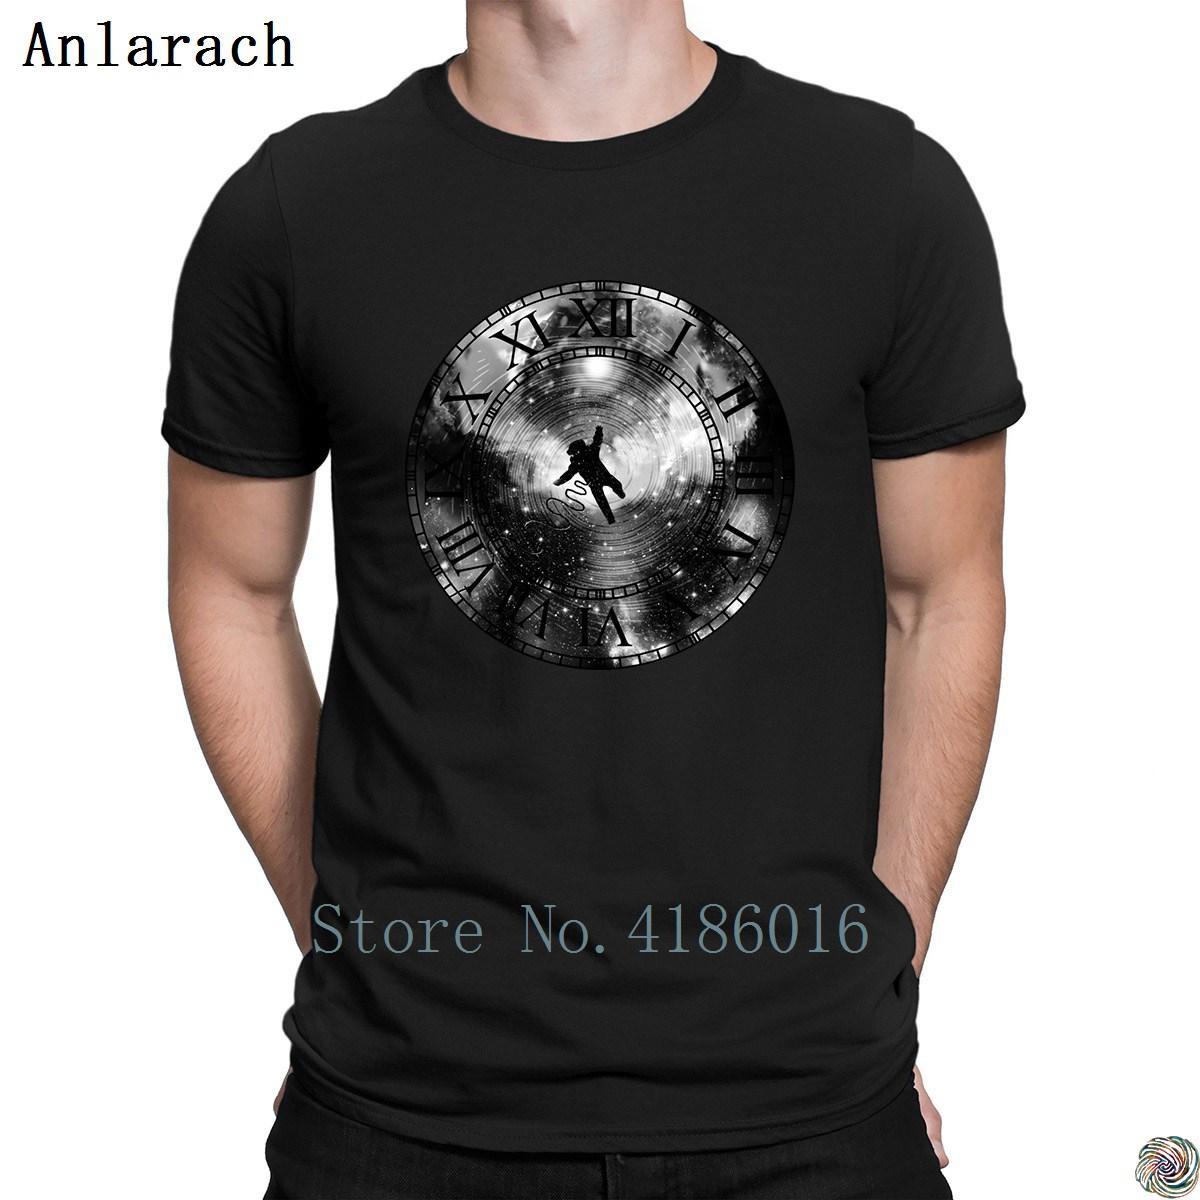 Пространство время футболка хип-хоп дизайн летний стиль новинка футболка для мужчин новая уличная одежда 100% хлопок slim fit